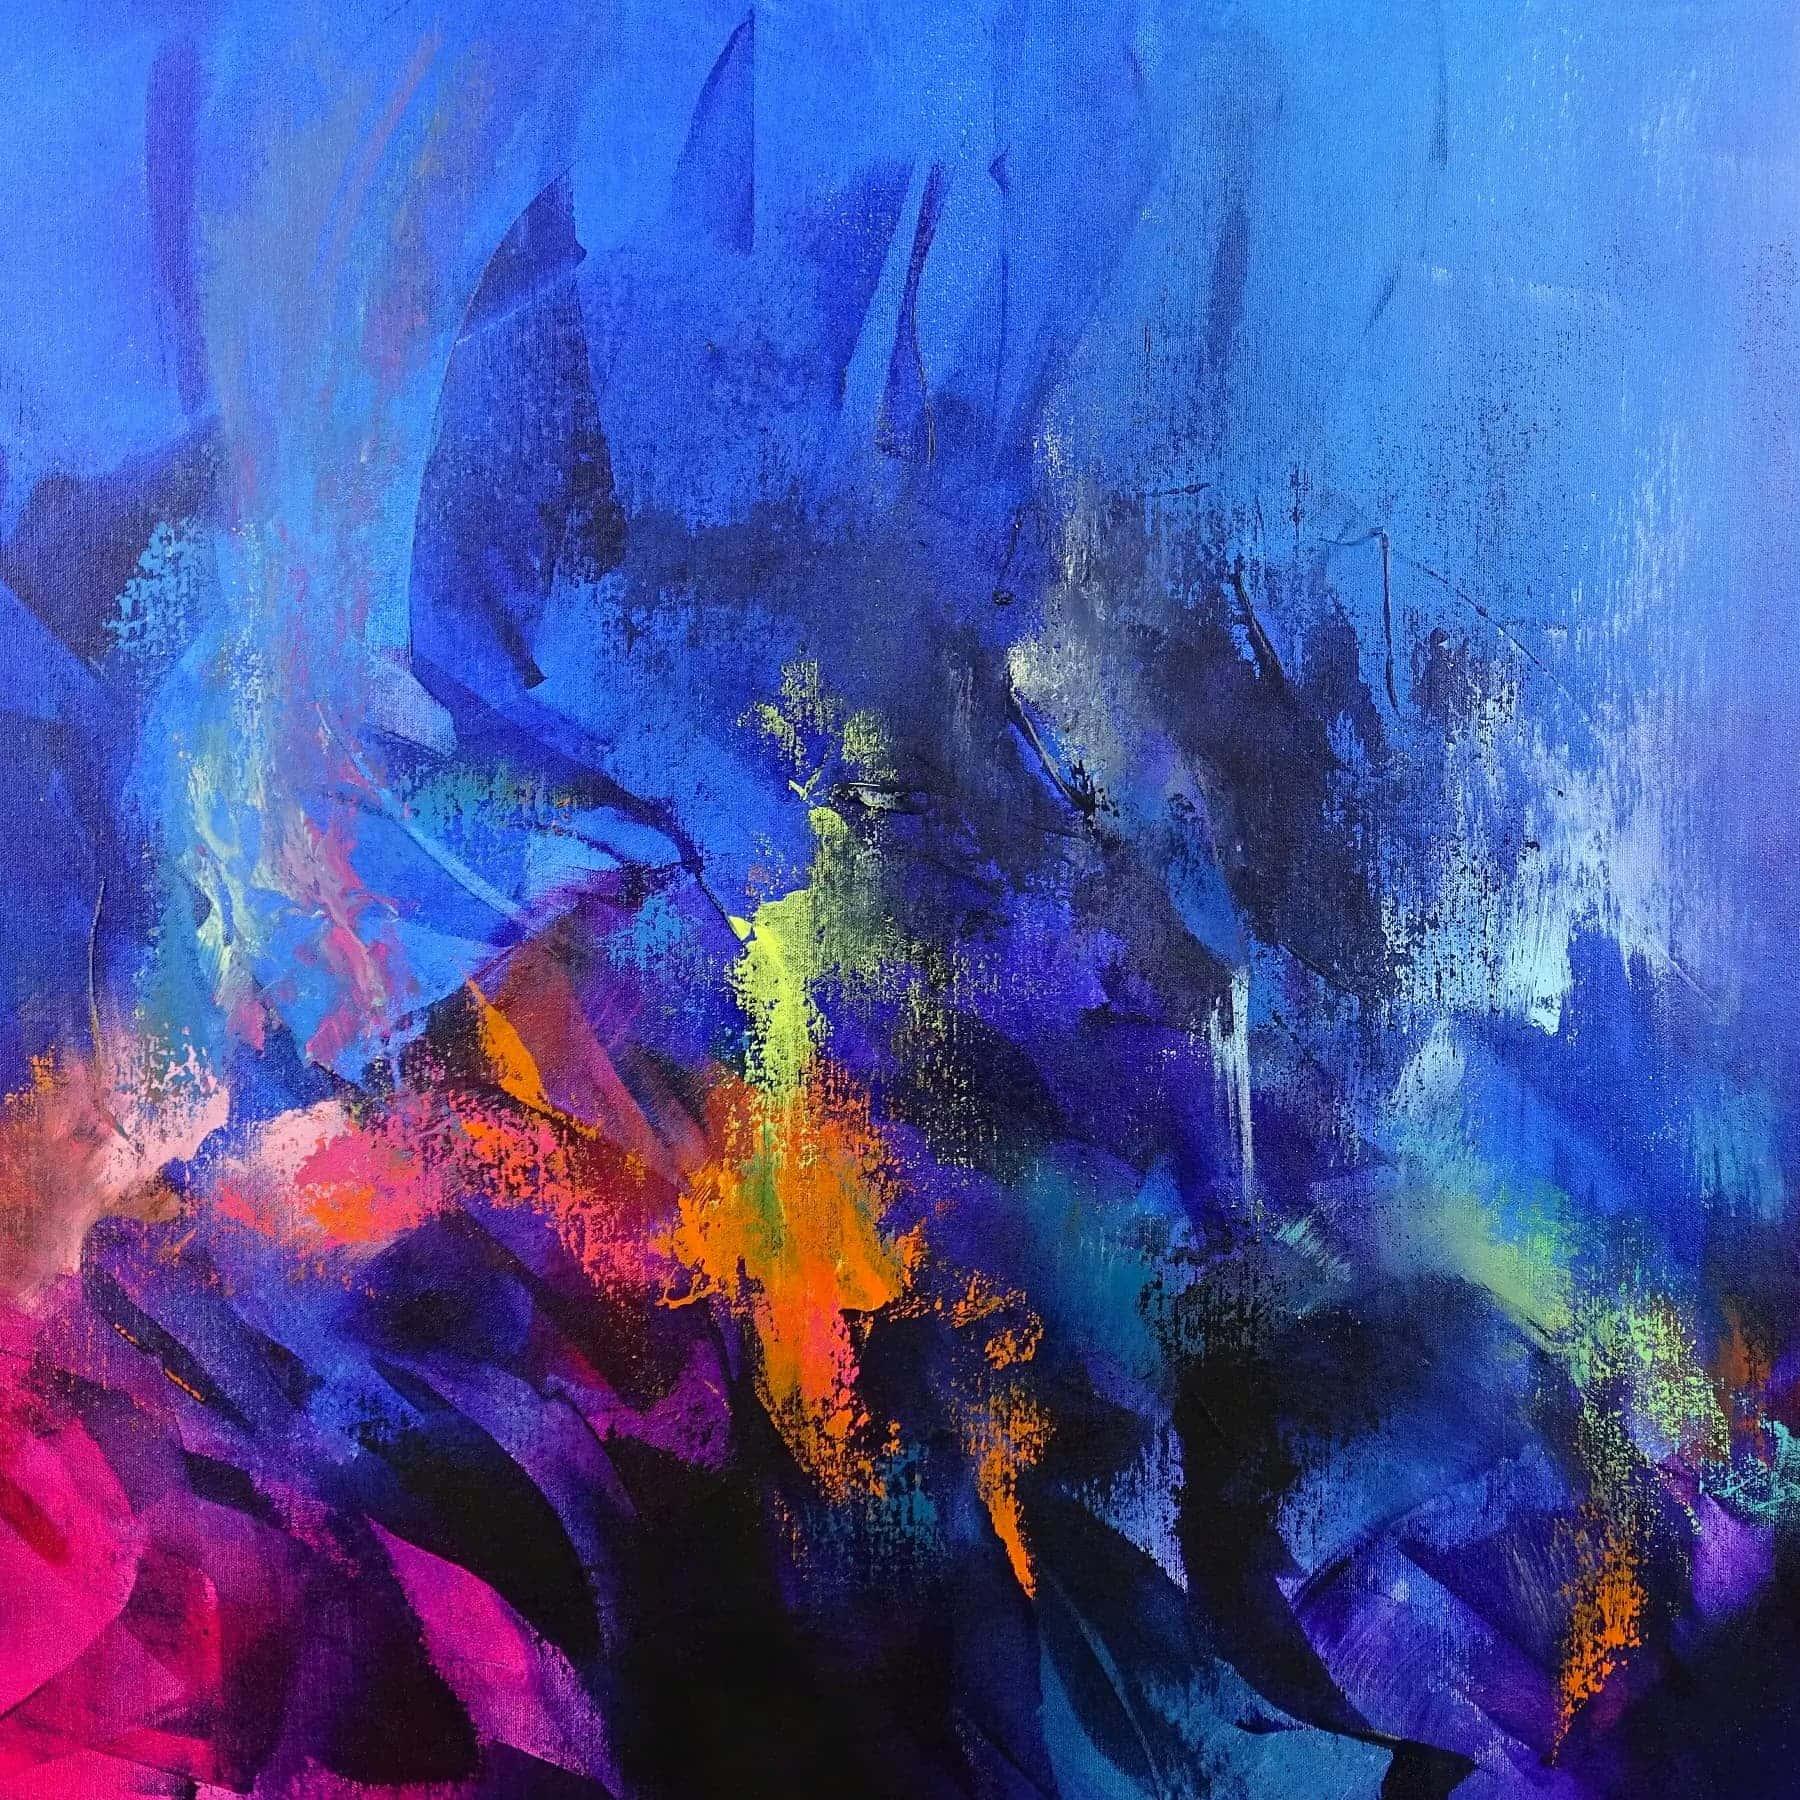 Arte astratta colorata